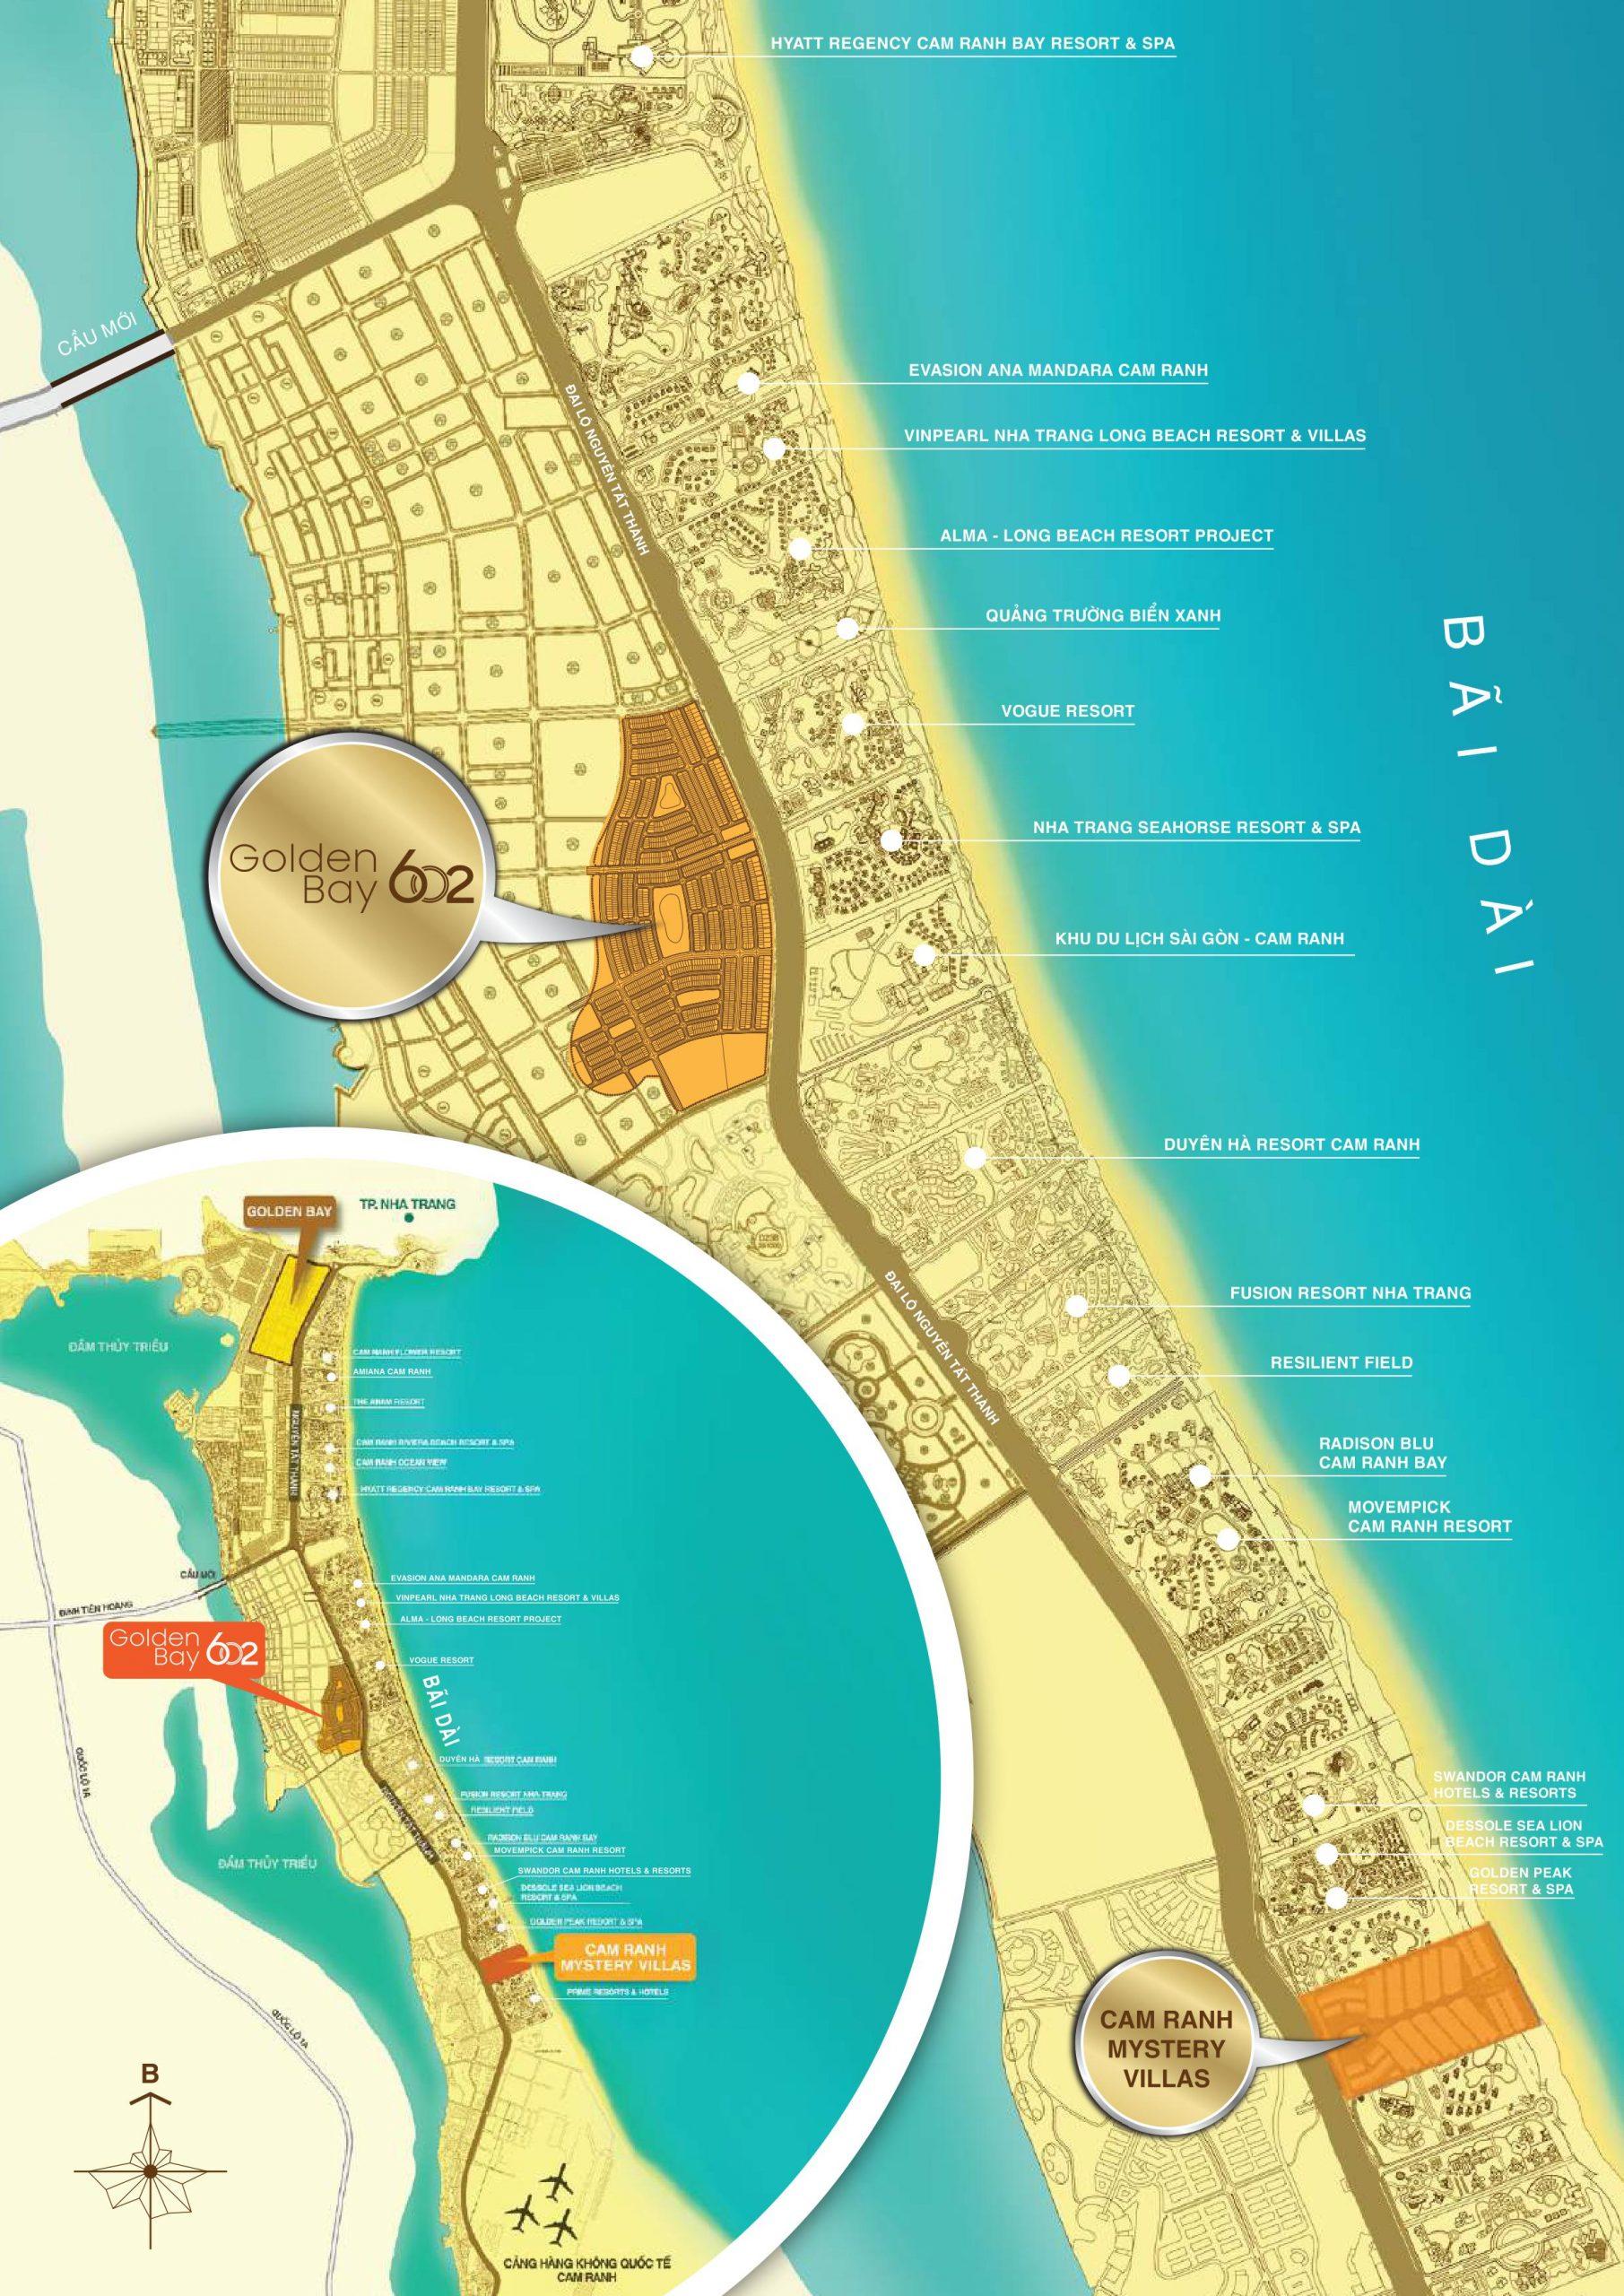 vị trí dự án đất nền golden bay 602 cam ranh hưng thịnh